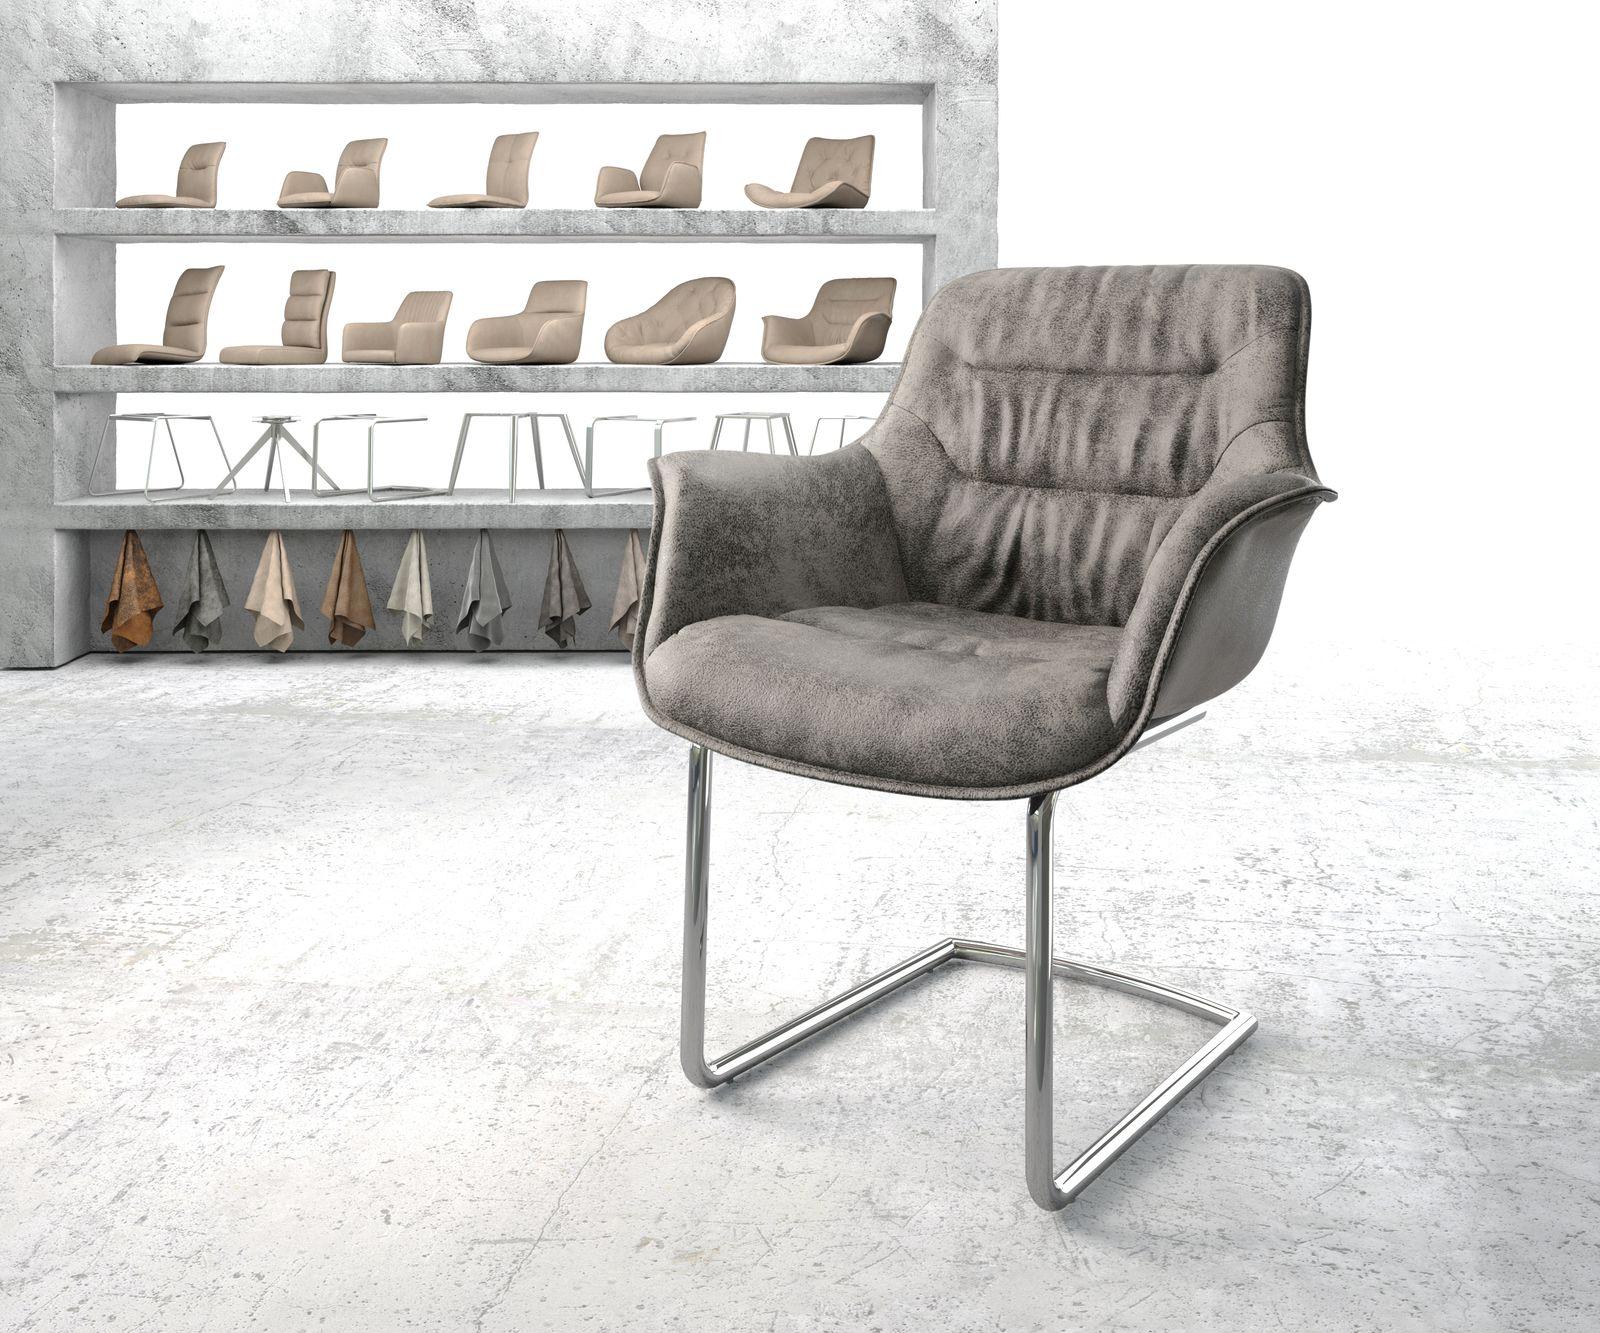 delife-armlehnstuhl-kaira-flex-grau-vintage-freischwinger-rund-verchromt-esszimmerstuhle